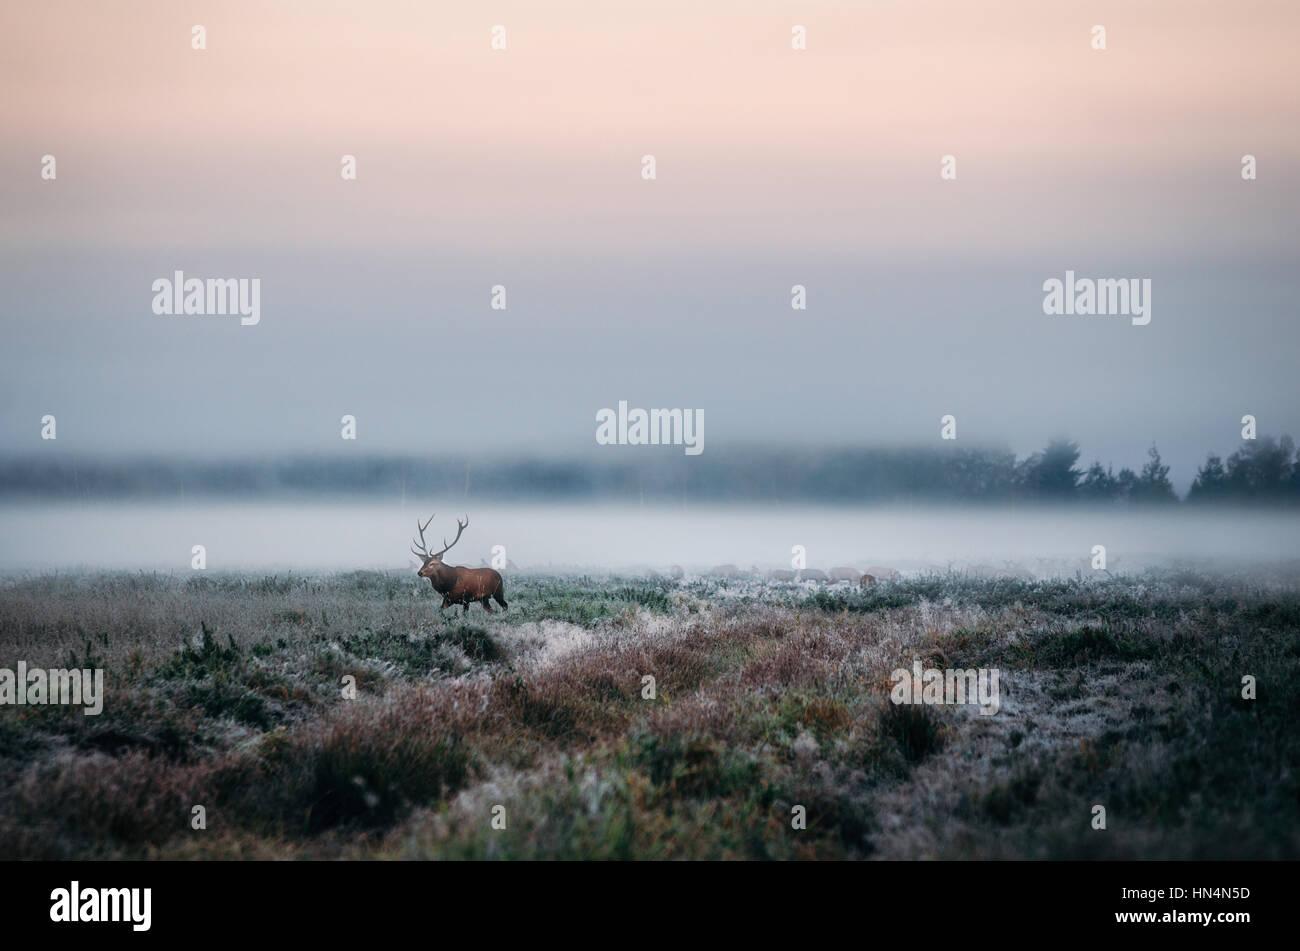 Bellissimi cervi stag sul campo nevoso vicino a foggy brumoso paesaggio forestale in autunno in Bielorussia. Immagini Stock